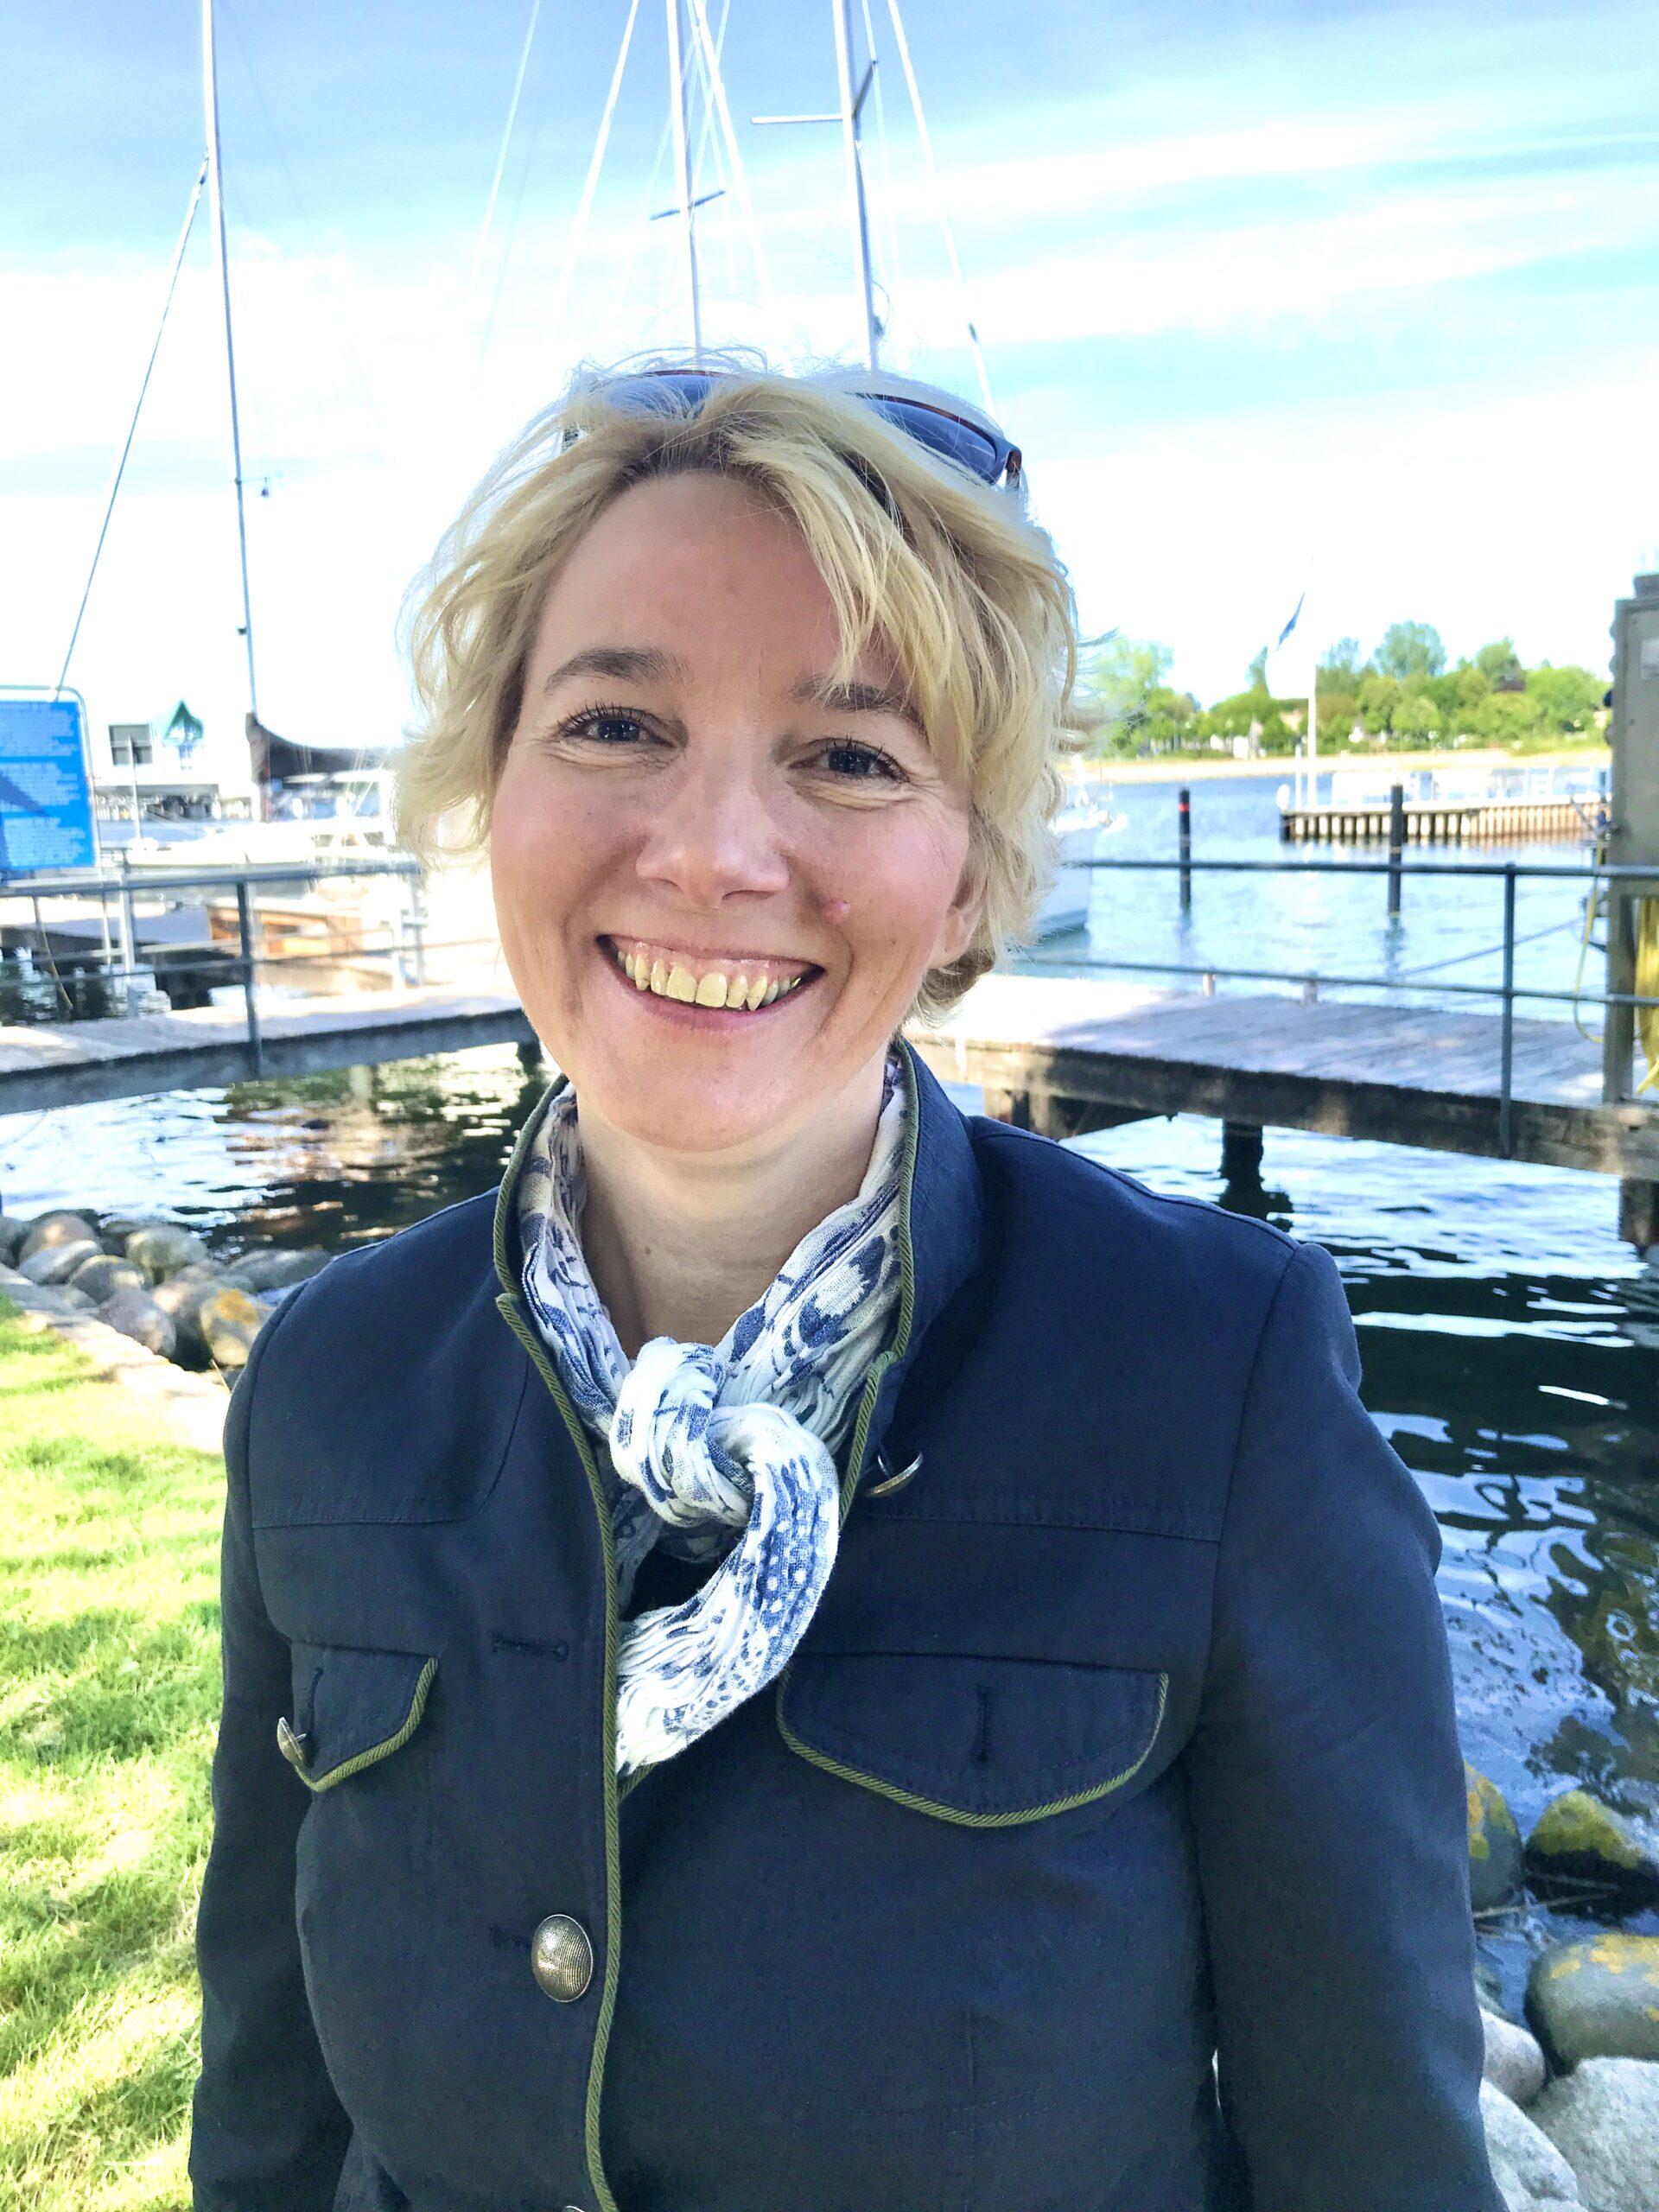 Anna Holz, Partner Manager novomind AG